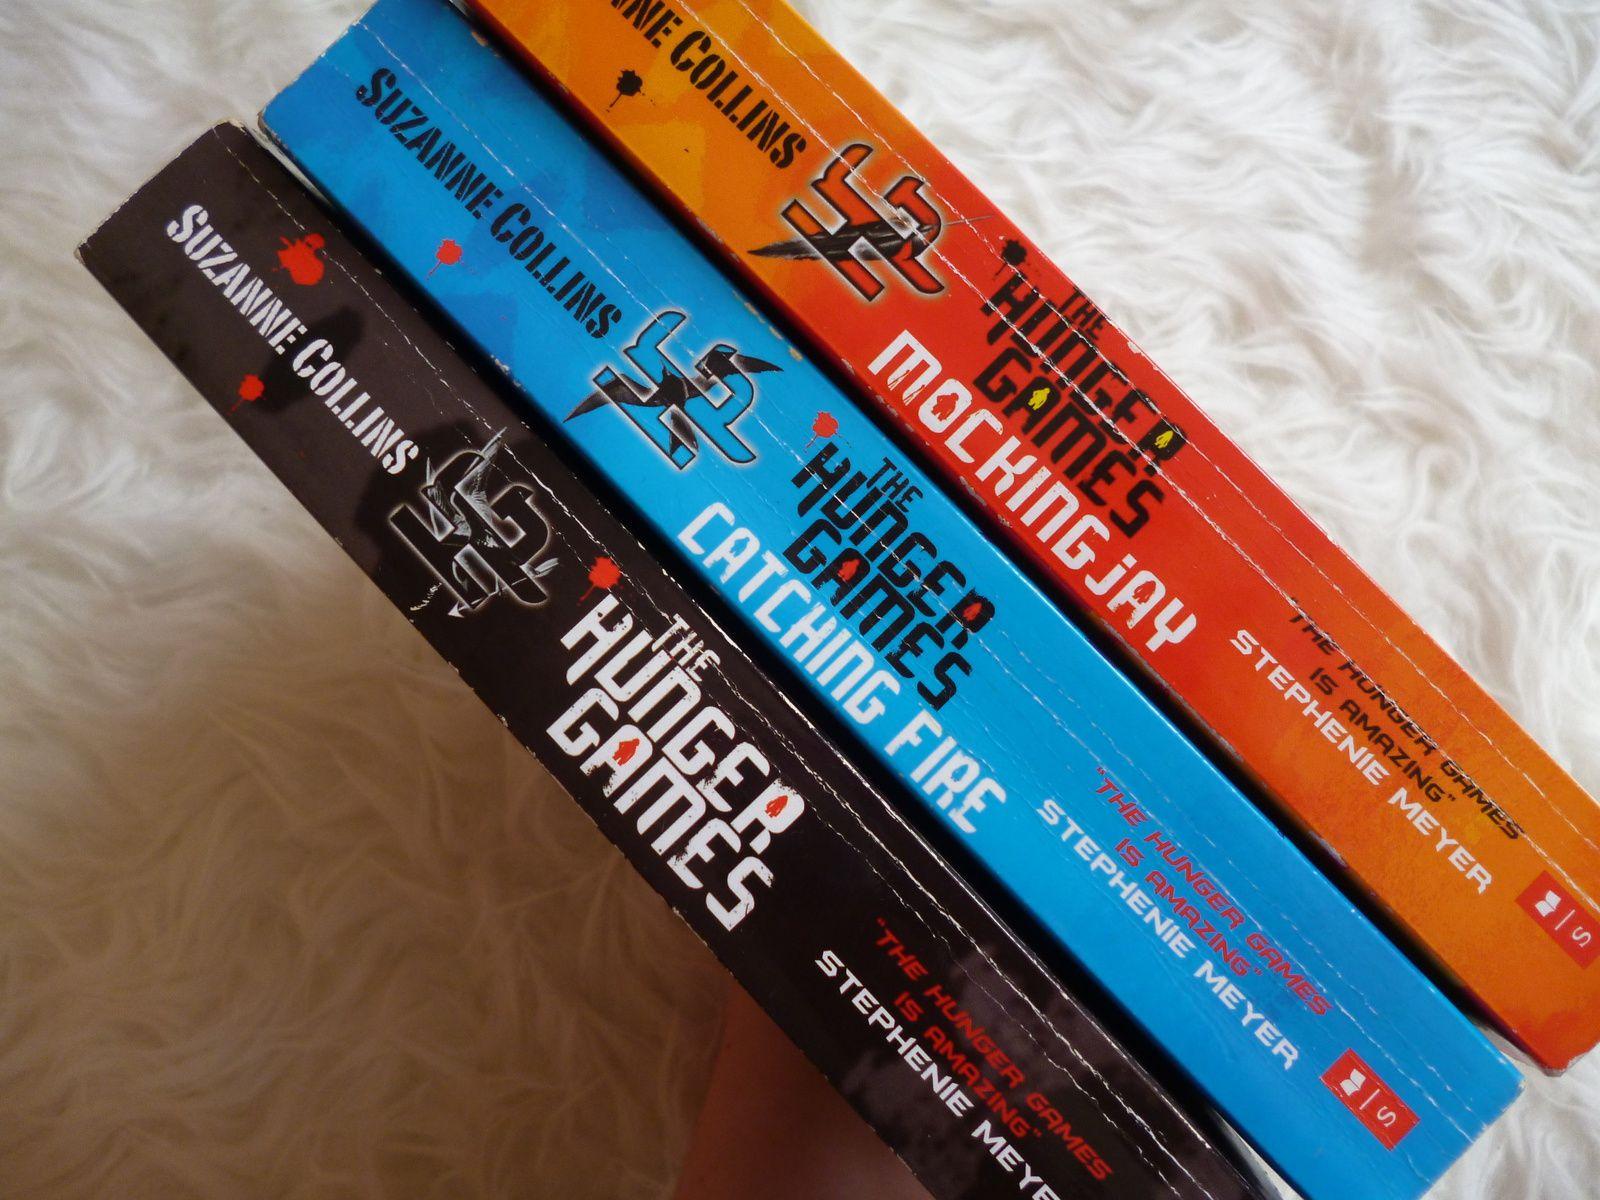 """Alle drei Buchrücken meiner """"Hunger Games""""-Saga sind gebrochen :(("""